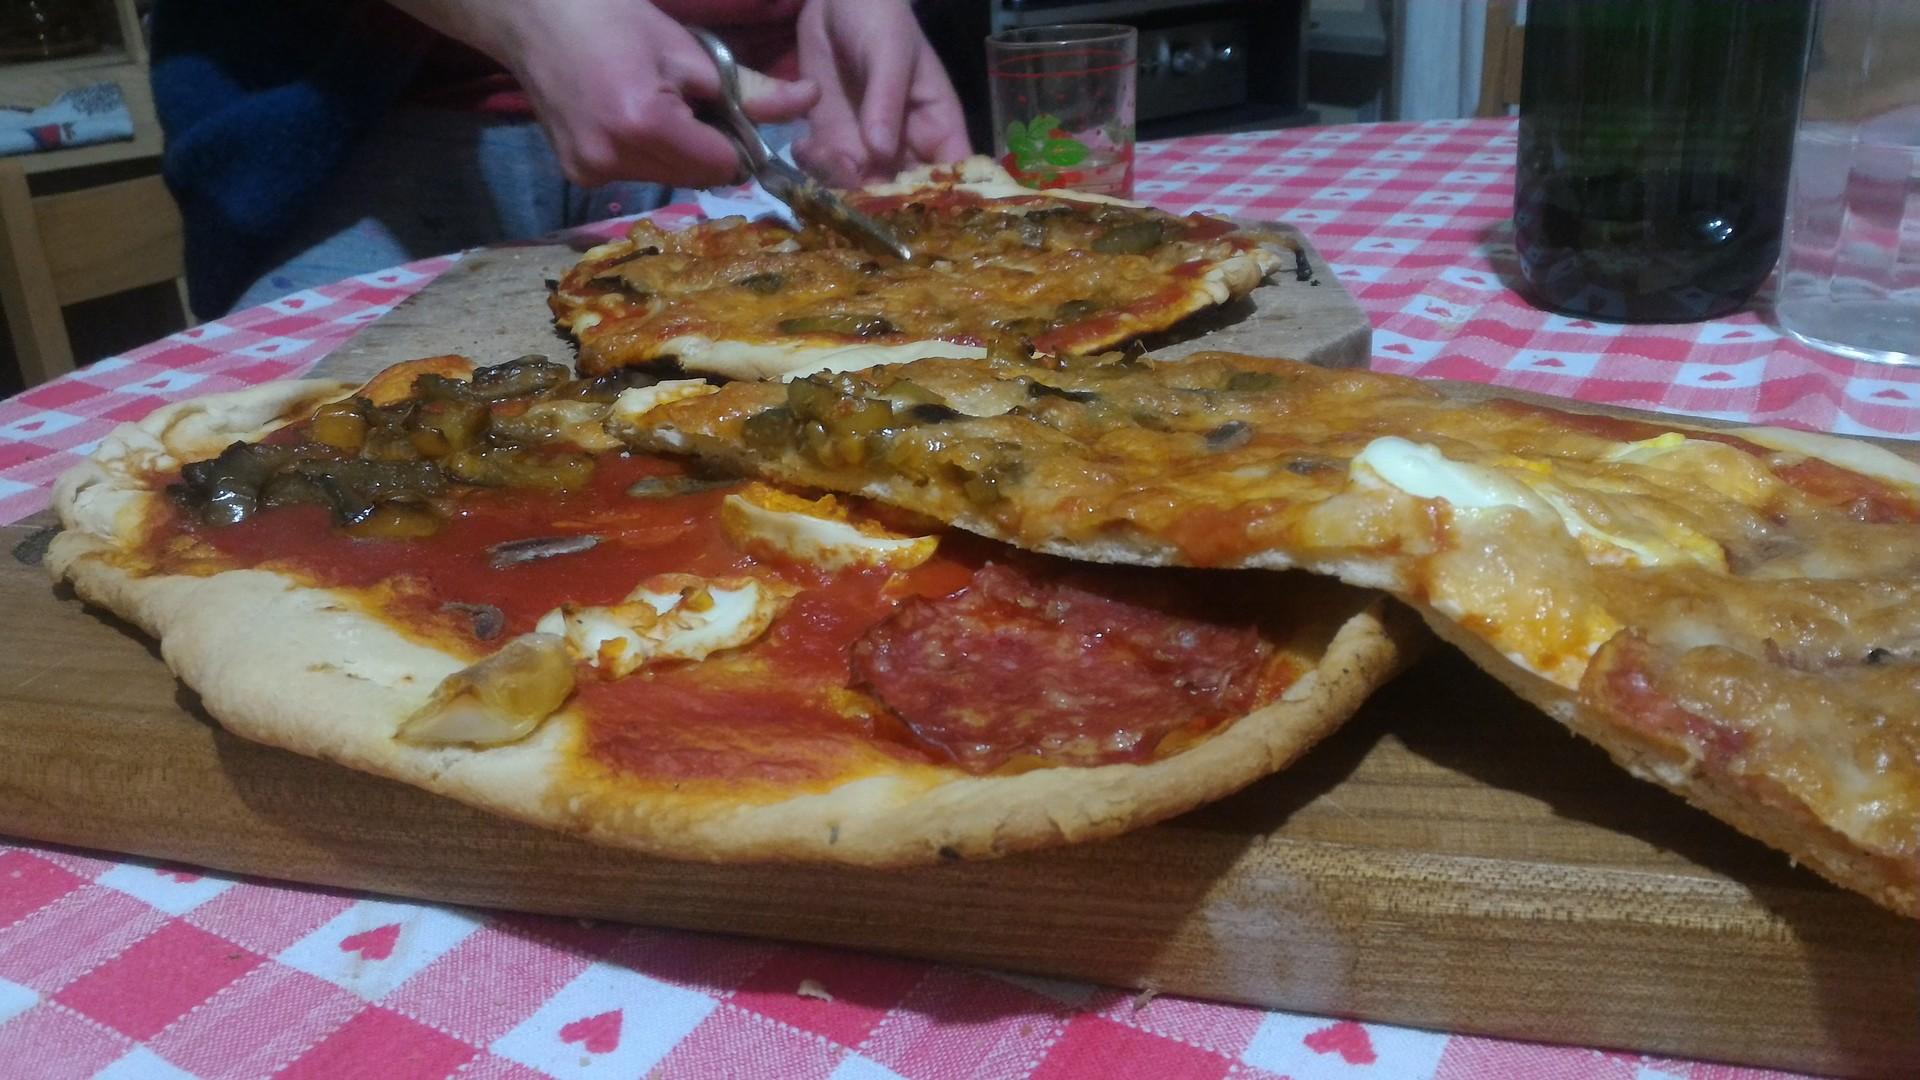 home-pizza-75f94d57a461bac5c367dab0f6433